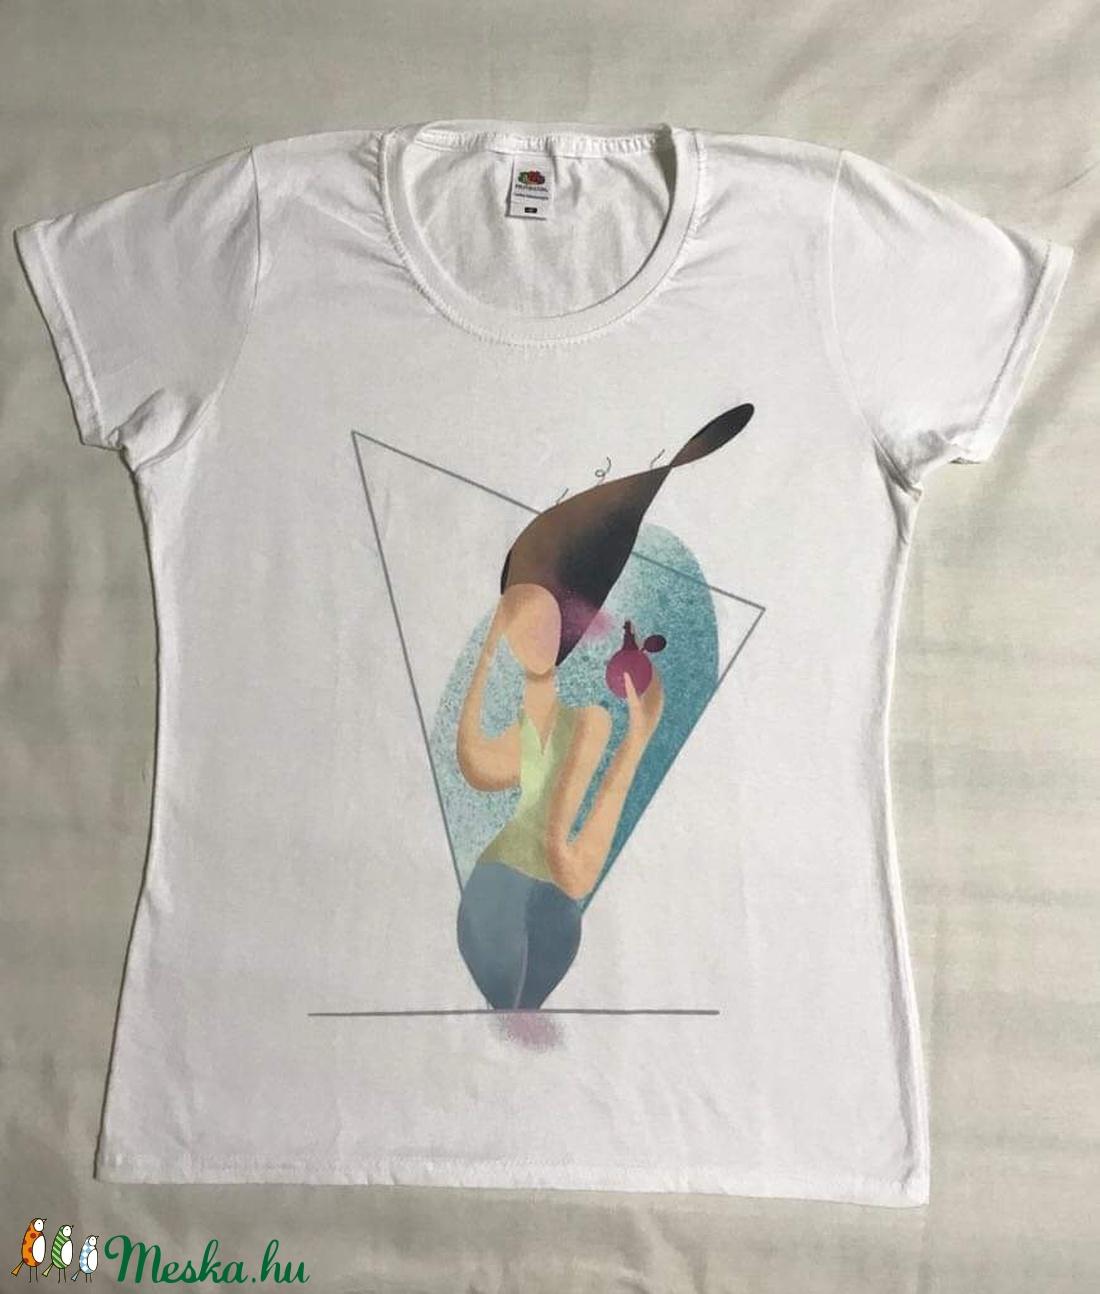 Női póló- A Nő- egyedi, saját készítésű mintával (Nitaart) - Meska.hu